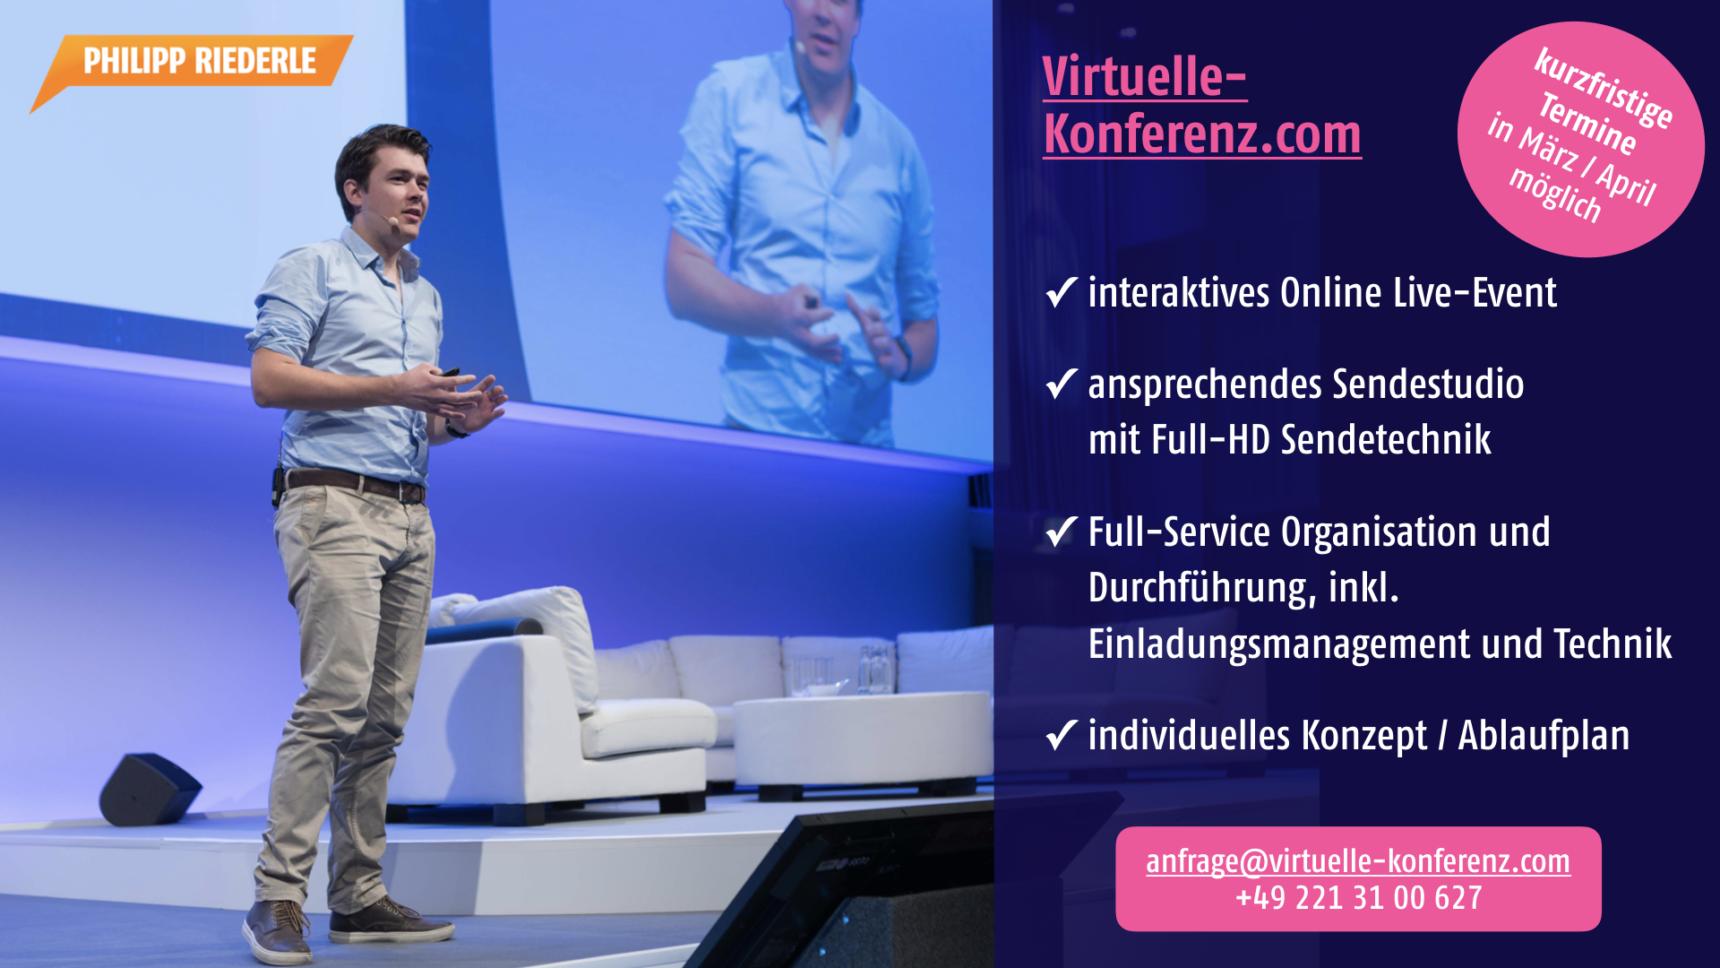 Virtuelle Konferenz mit Philipp Riederle